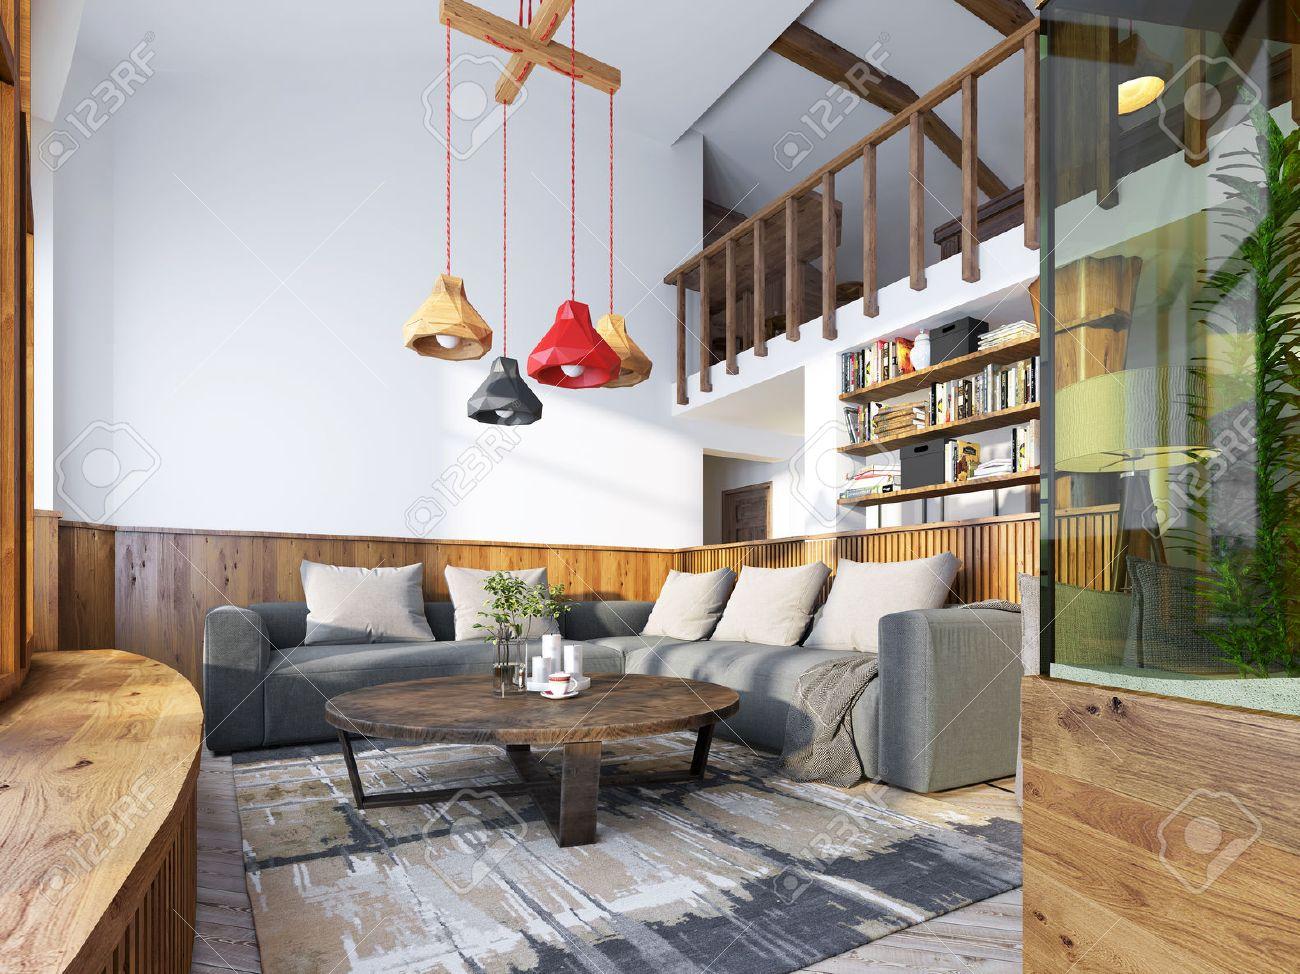 Moderne Wohnzimmer In Einem Loft-Stil. Wohnzimmer Mit Ecksofa Und ...